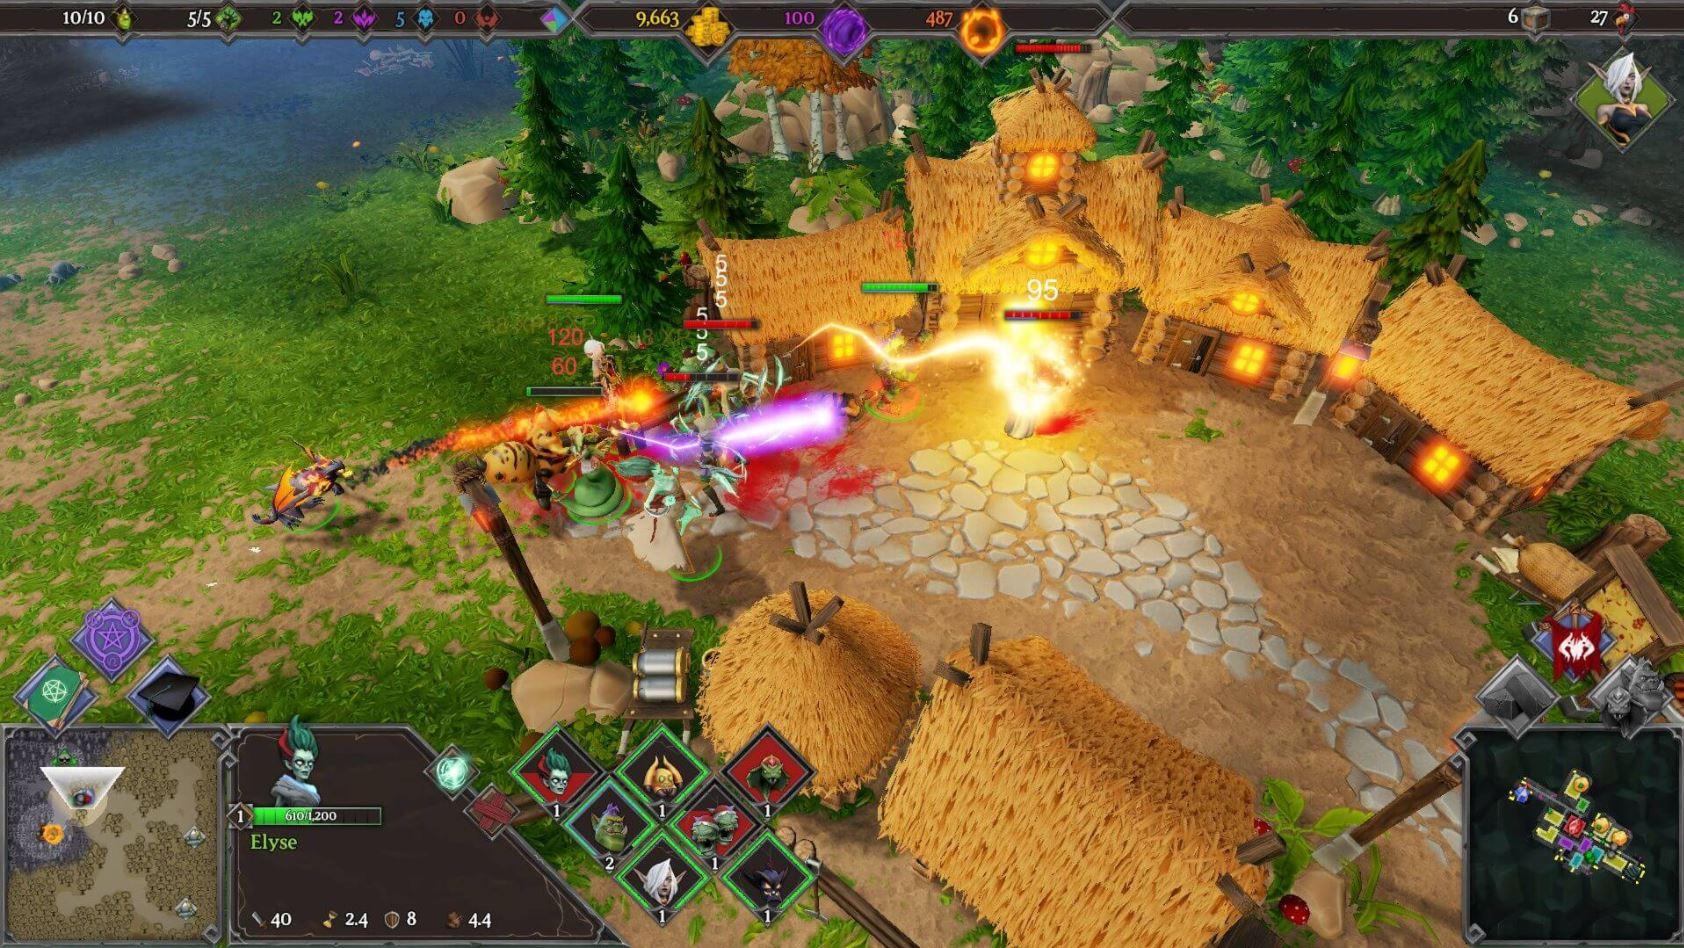 Dungeons 3 sur Steam promo dungeons 2